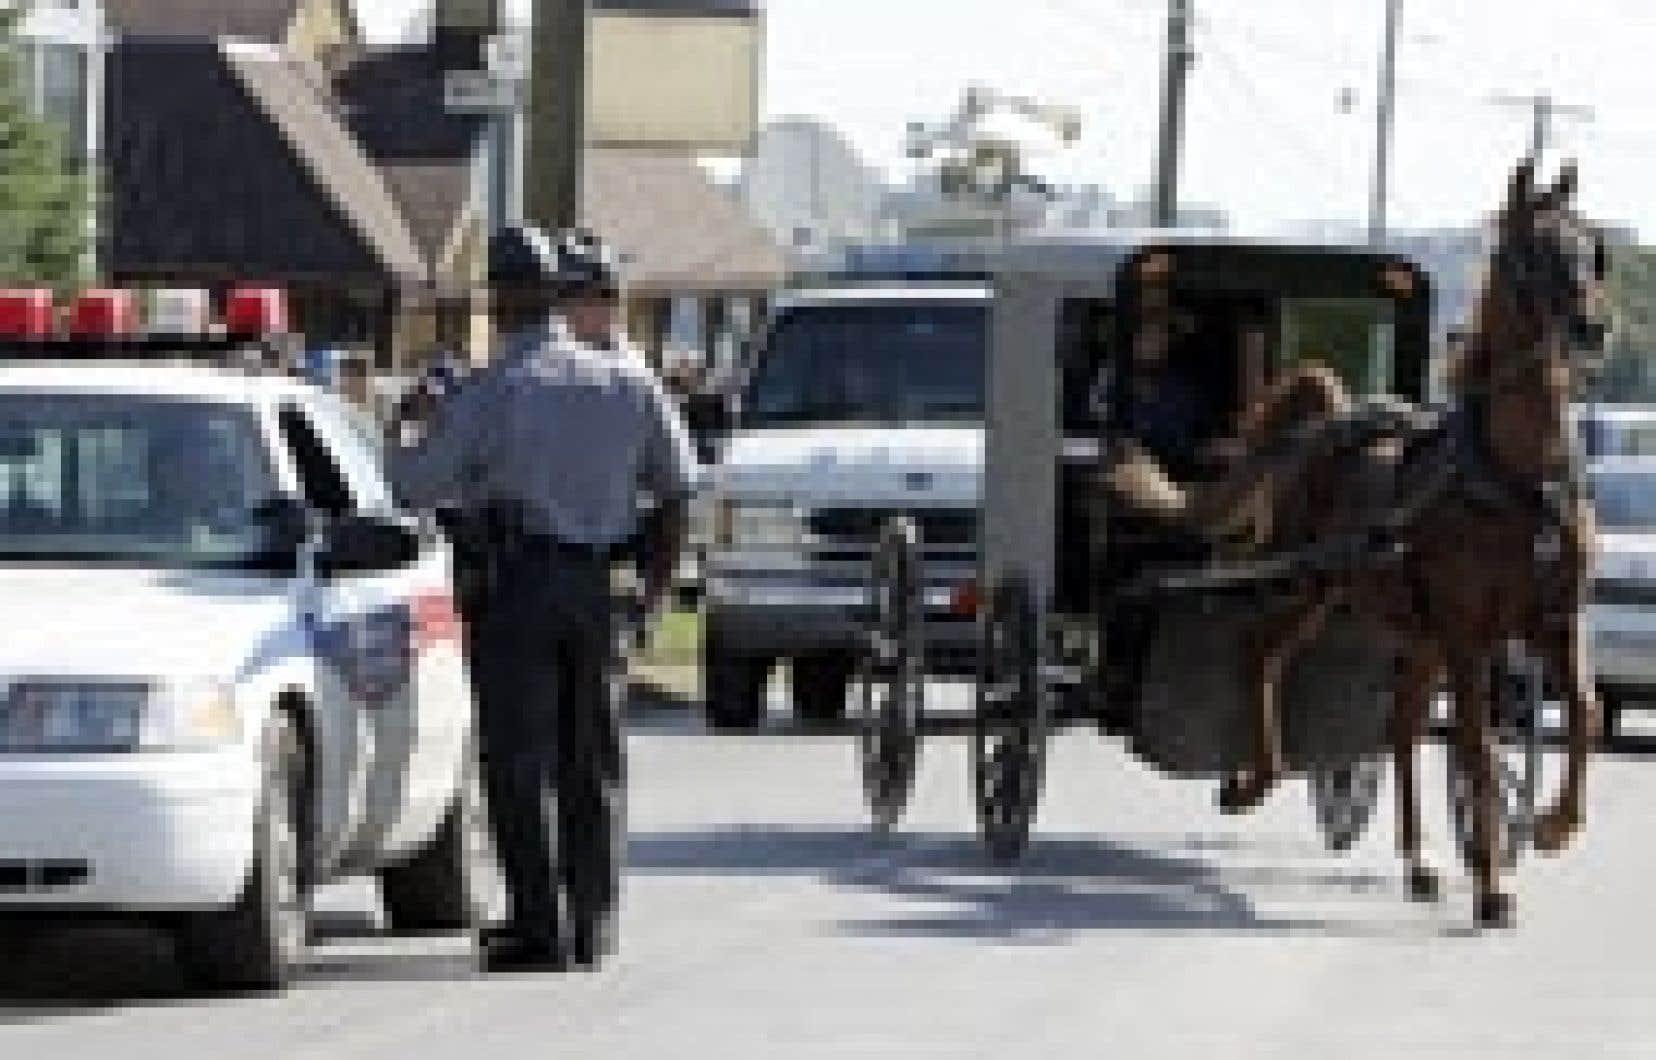 La communauté amish de Nickel Mines, en Pennsylvanie, a été envahie par les policiers et les représentants de la presse, hier, après l'attaque d'une école au cours de laquelle quatre fillettes ont été tuées et sept autres ont été blessées